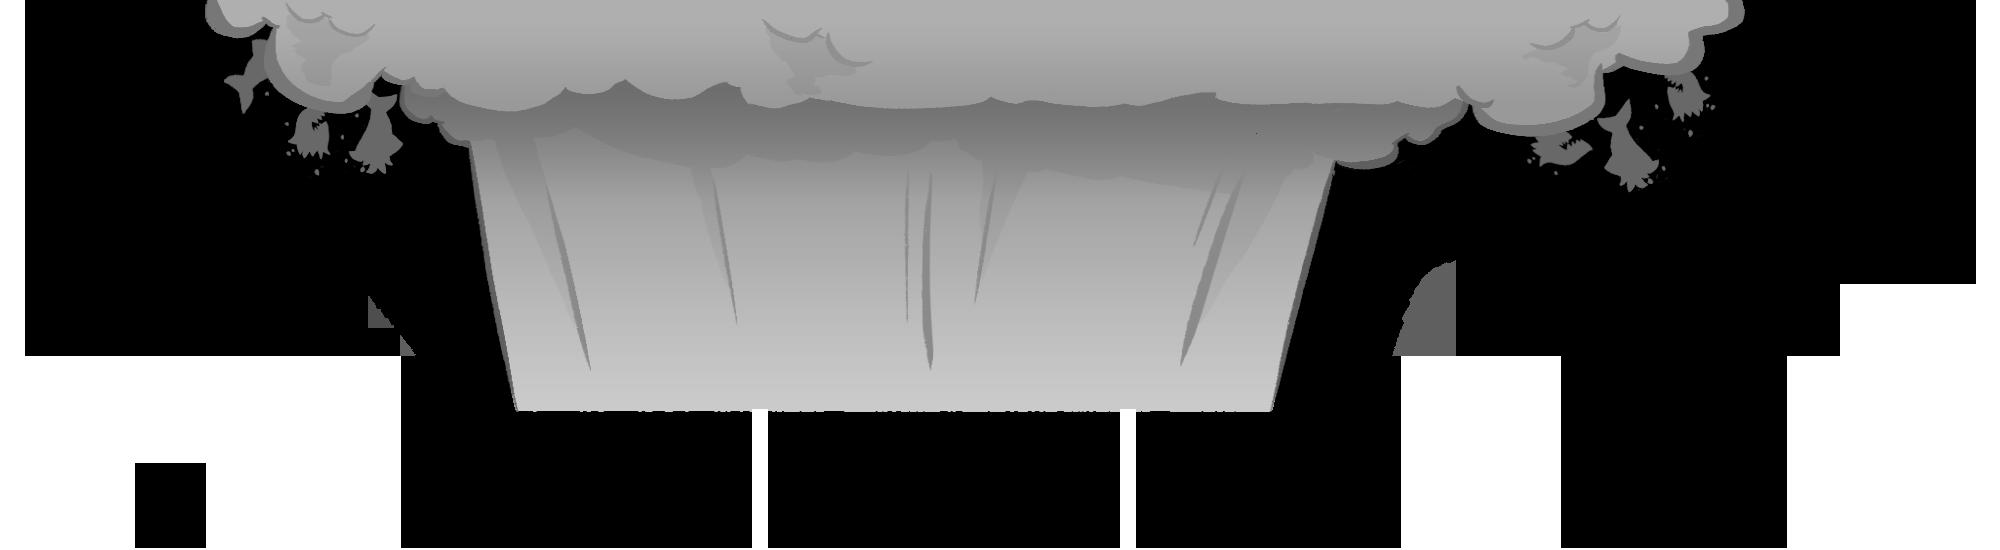 sharksplode-main-bg-3x-13